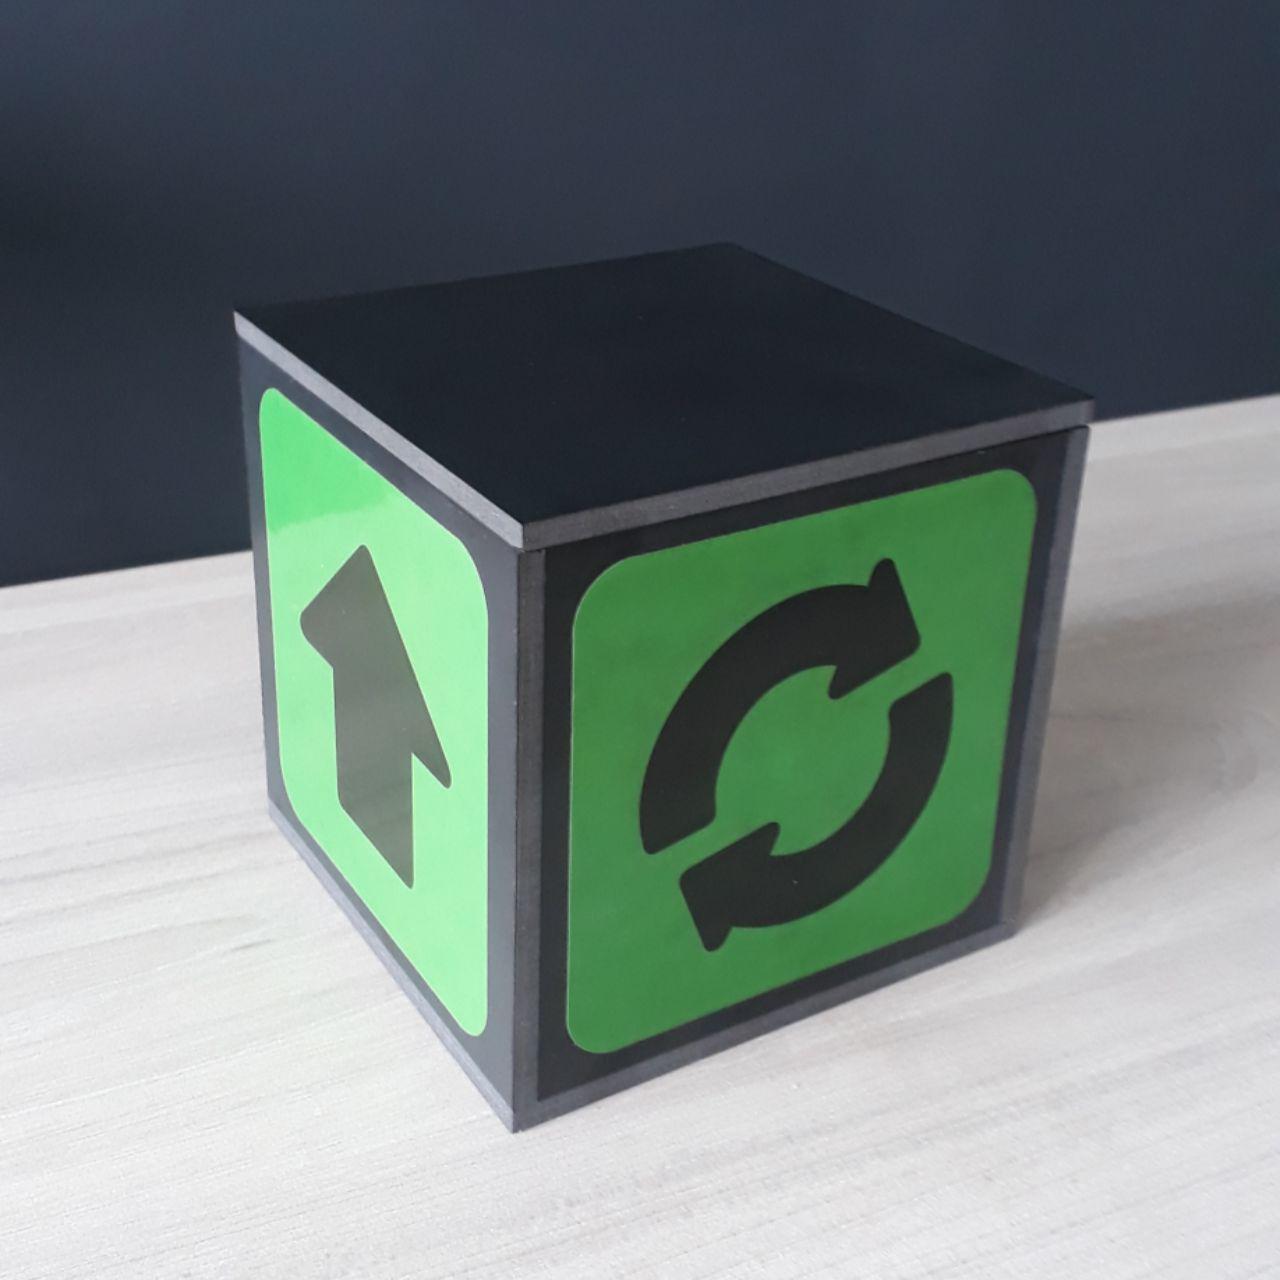 Реквізит для фокусів | Дивовижний Чарівний куб (Mysterious Cube)